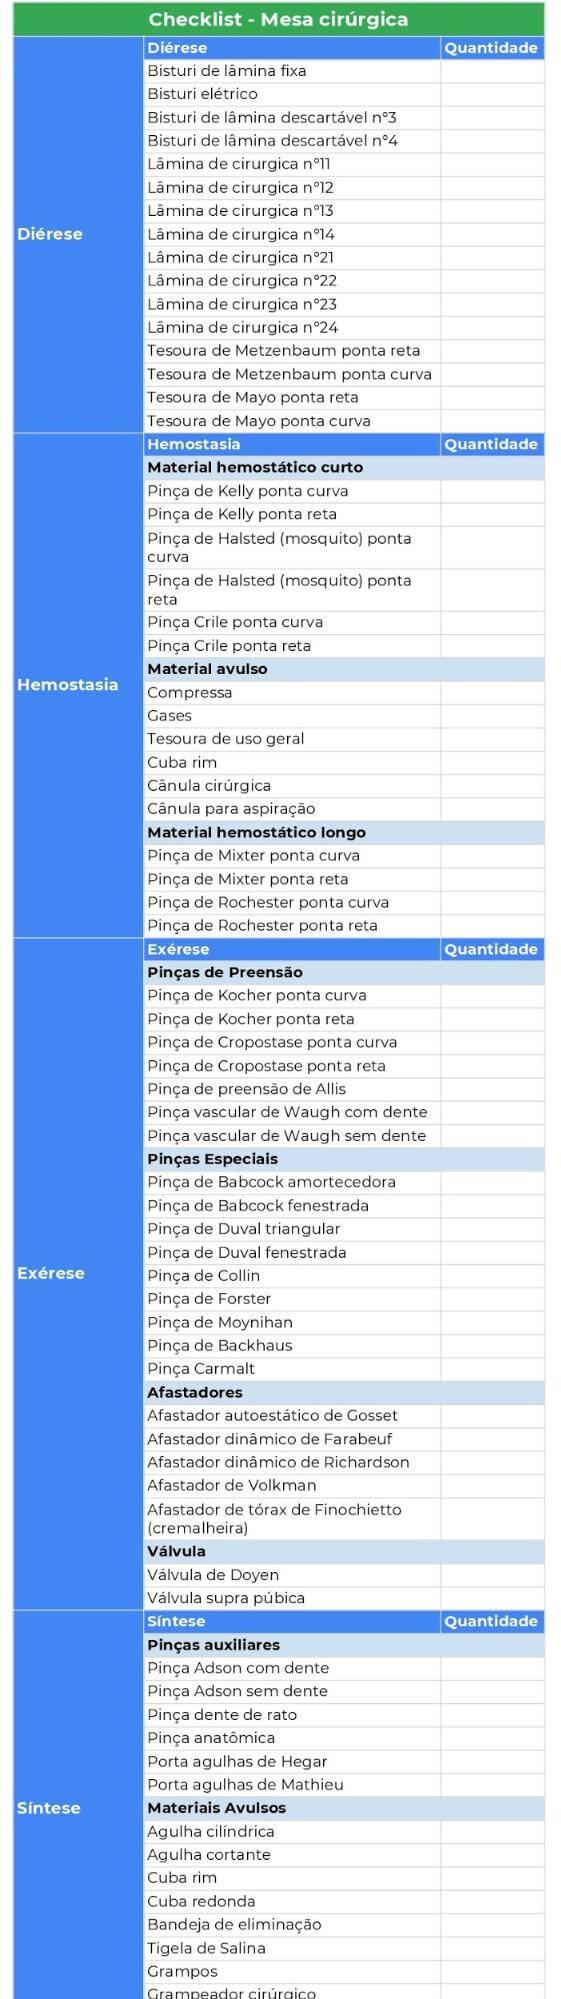 como montar mesa cirurgica checklist